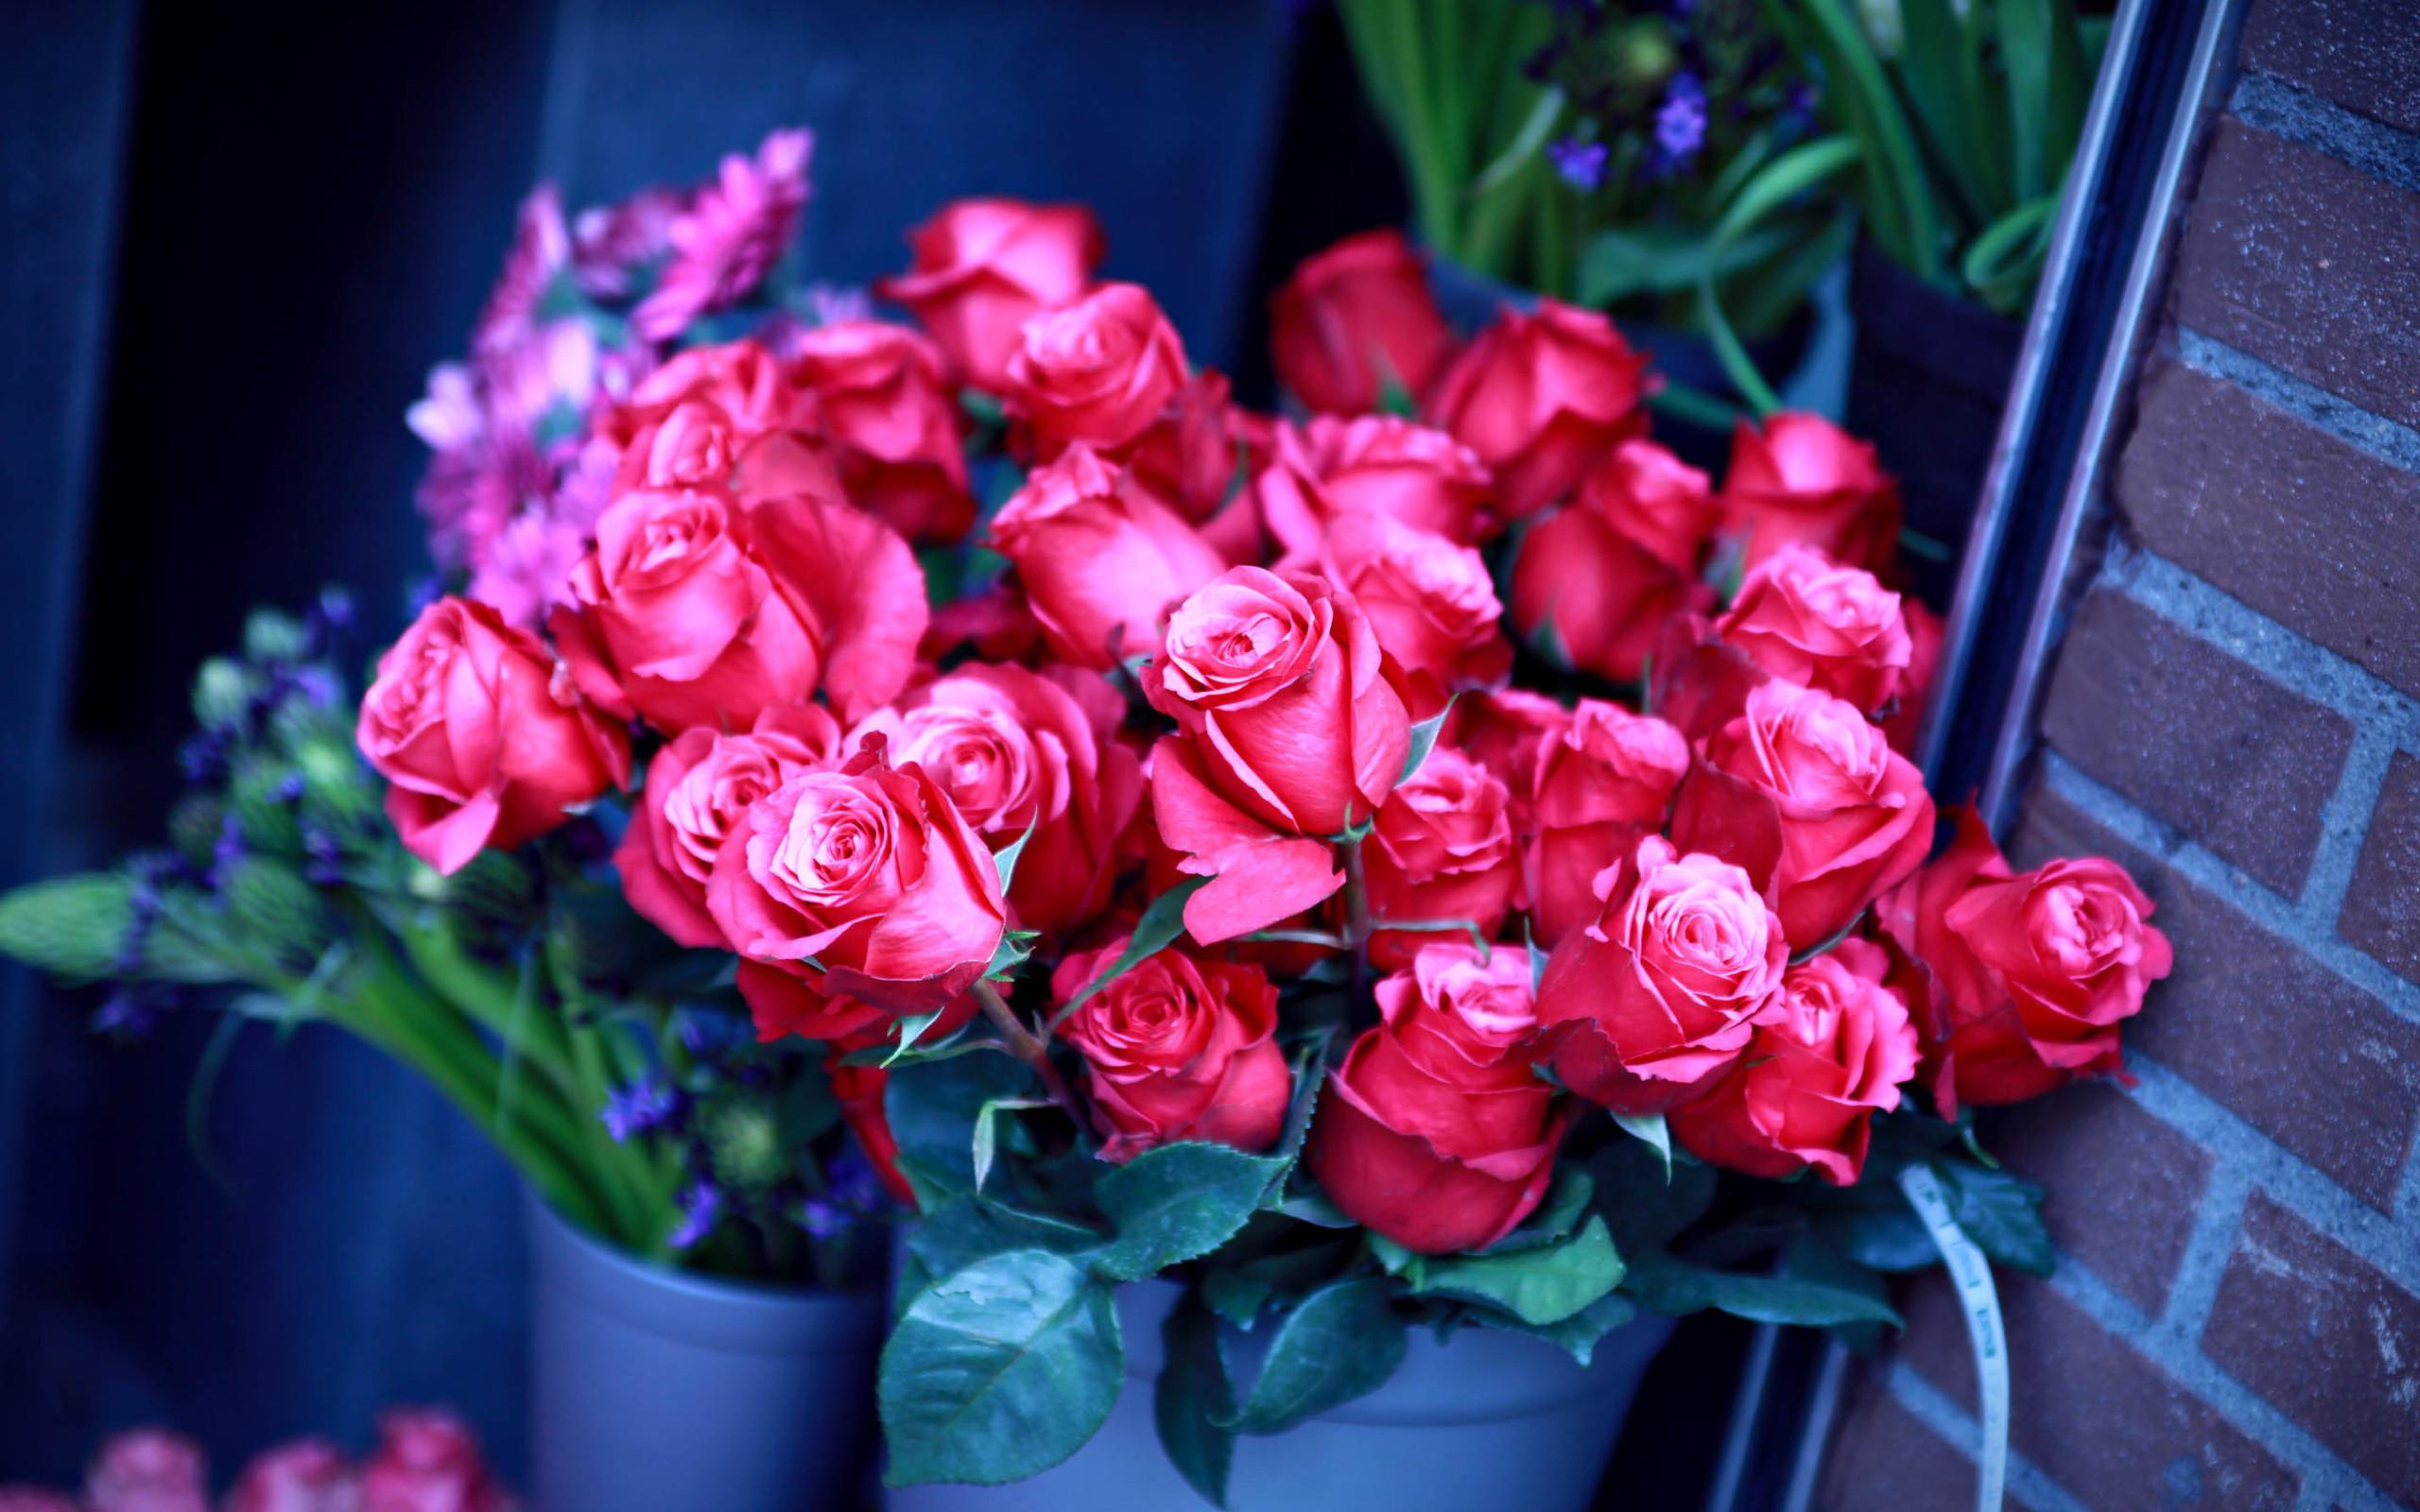 Beautiful Rose Flower Wallpaper Hd Desktop Wallpapers 4k Hd